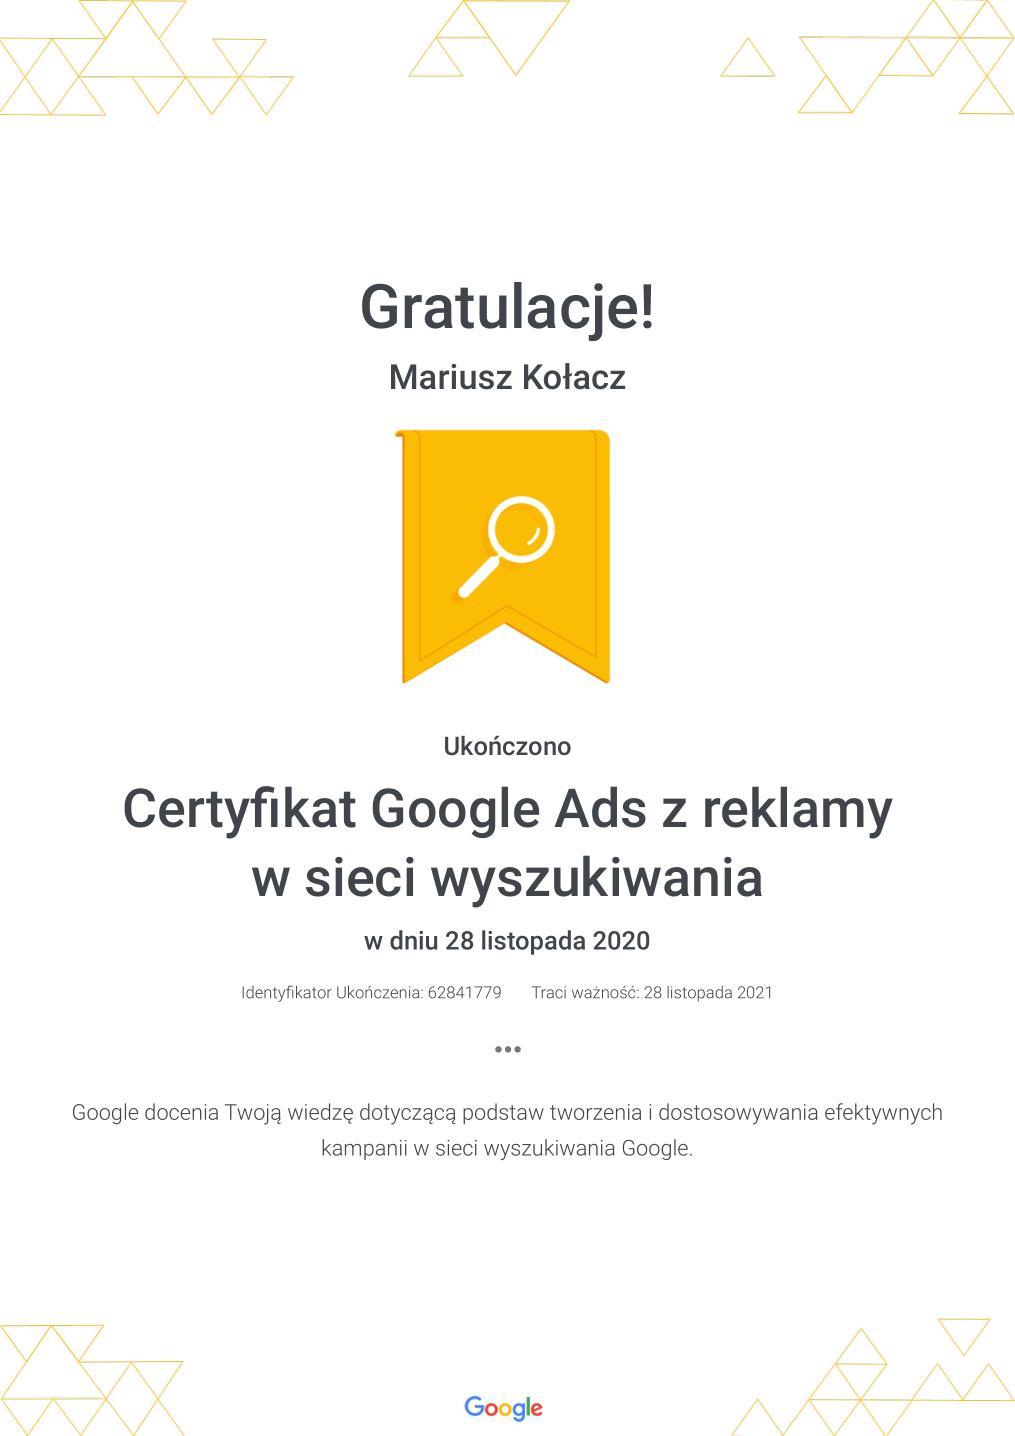 Certyfikat Google Ads z reklamy w sieci wyszukiwania